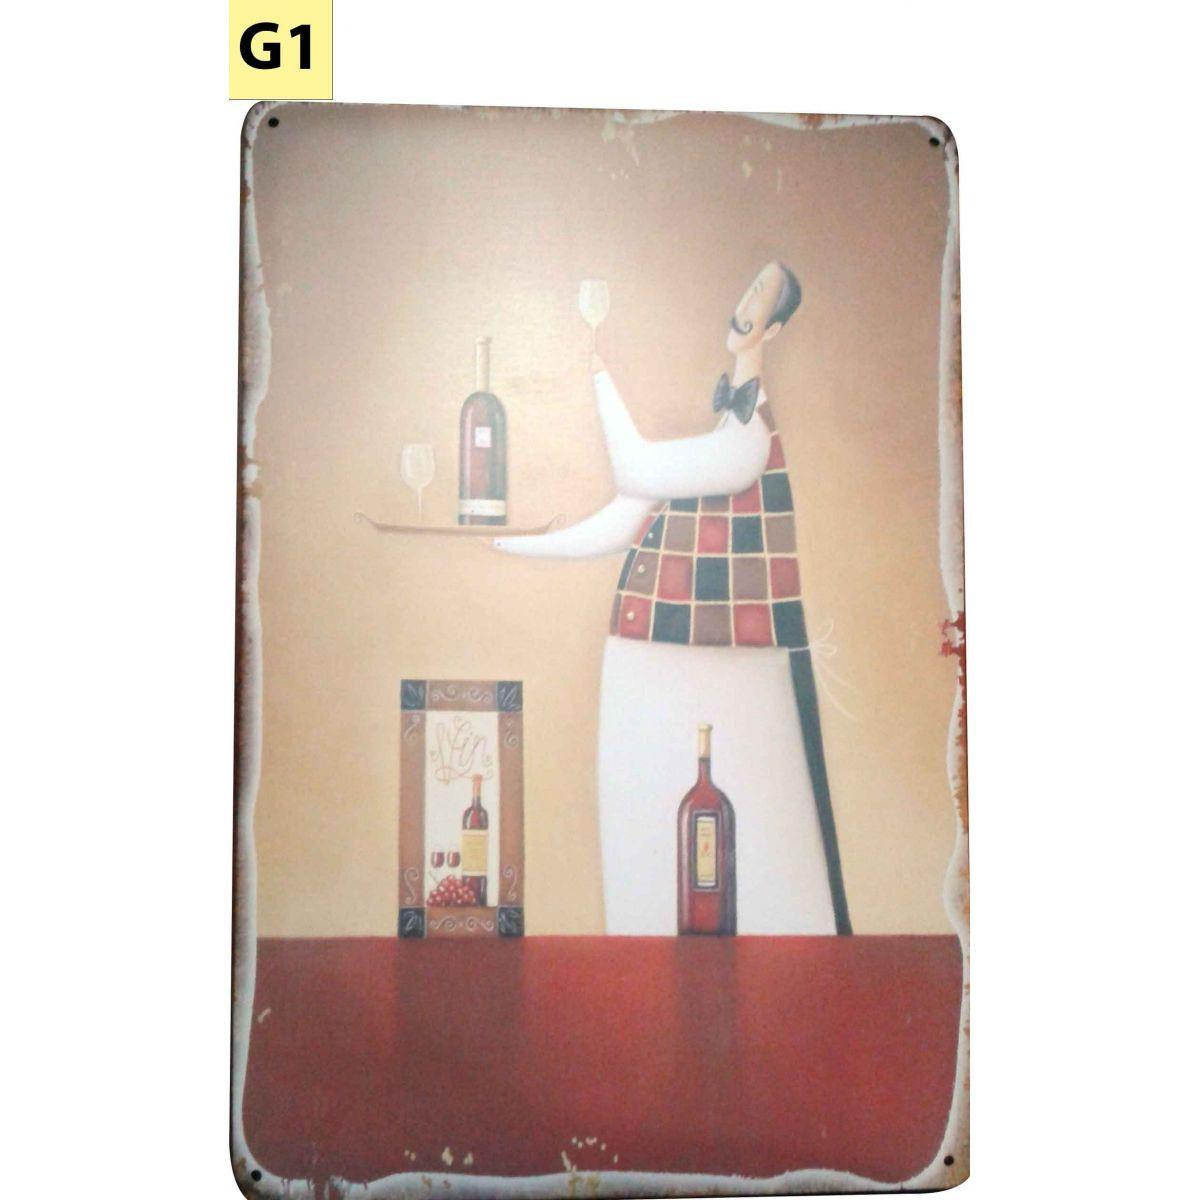 Placa Decorativa Vintage Cozinha - Gar�om - Frete Gr�tis  - Thata Esportes